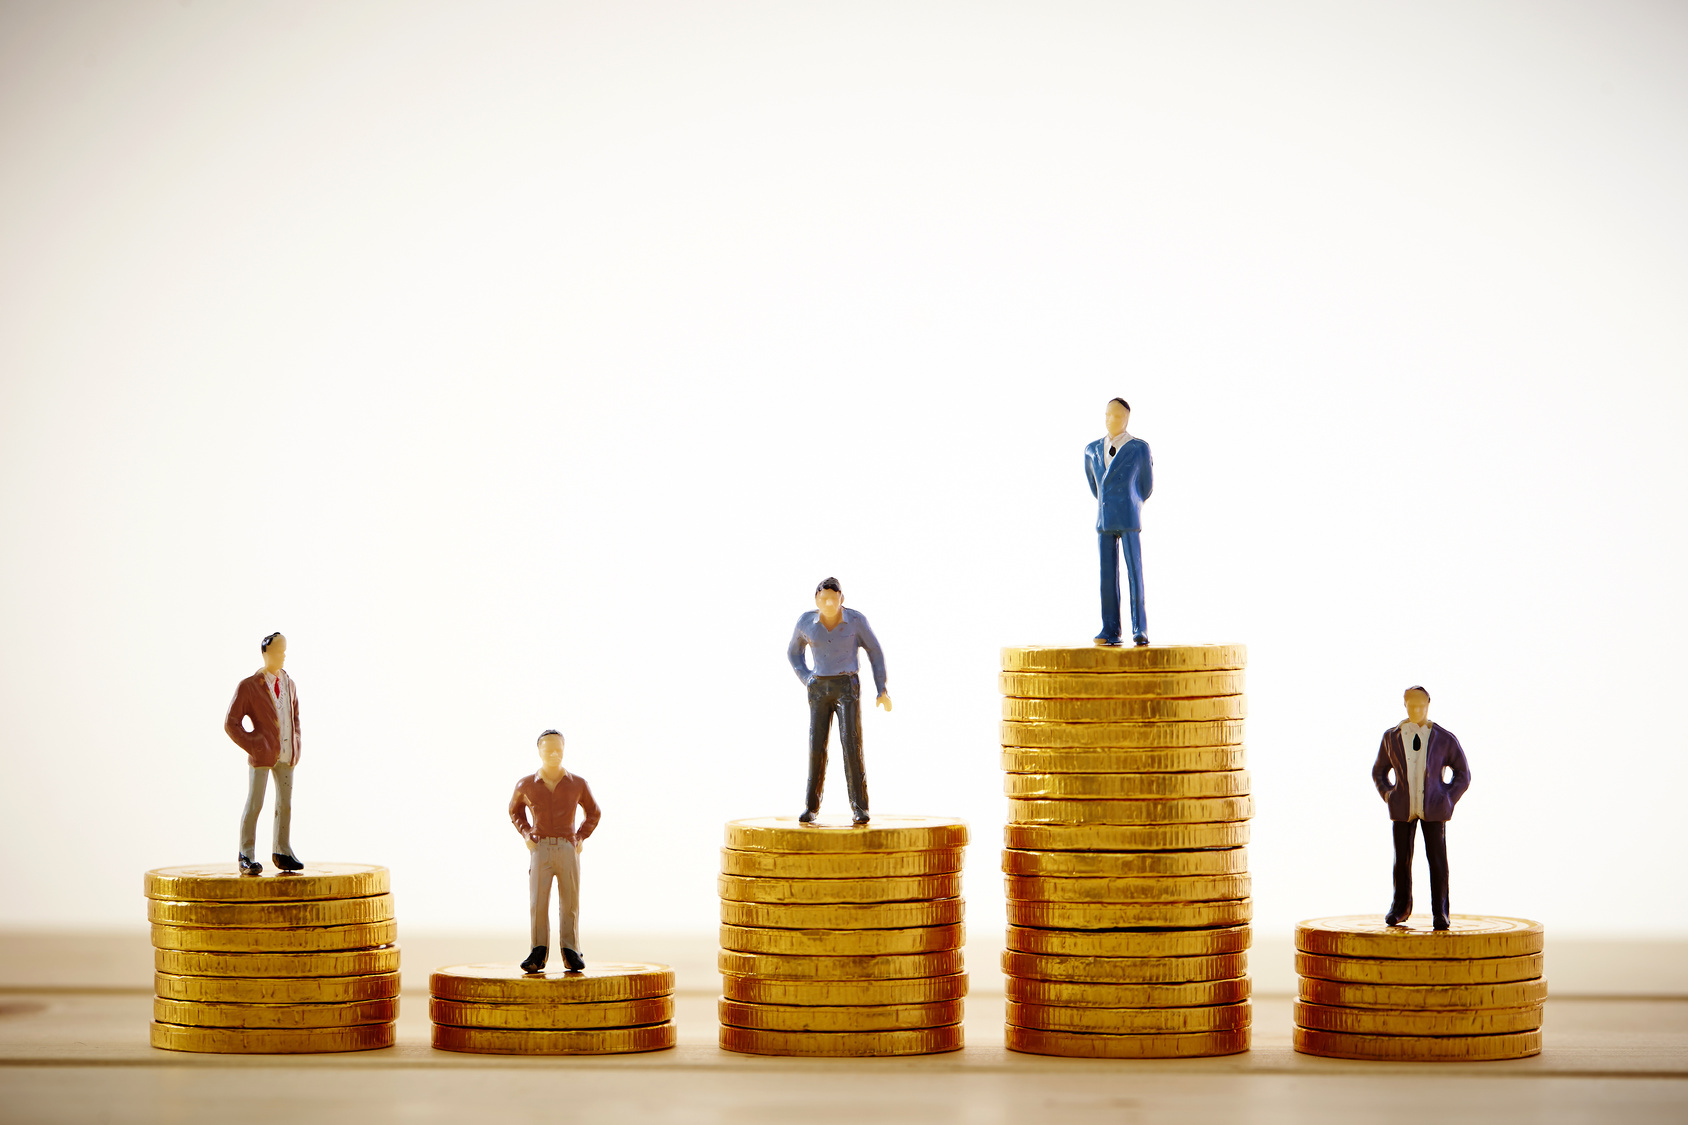 親の収入が低いと子どもの「やり抜く力」が低くなる!?